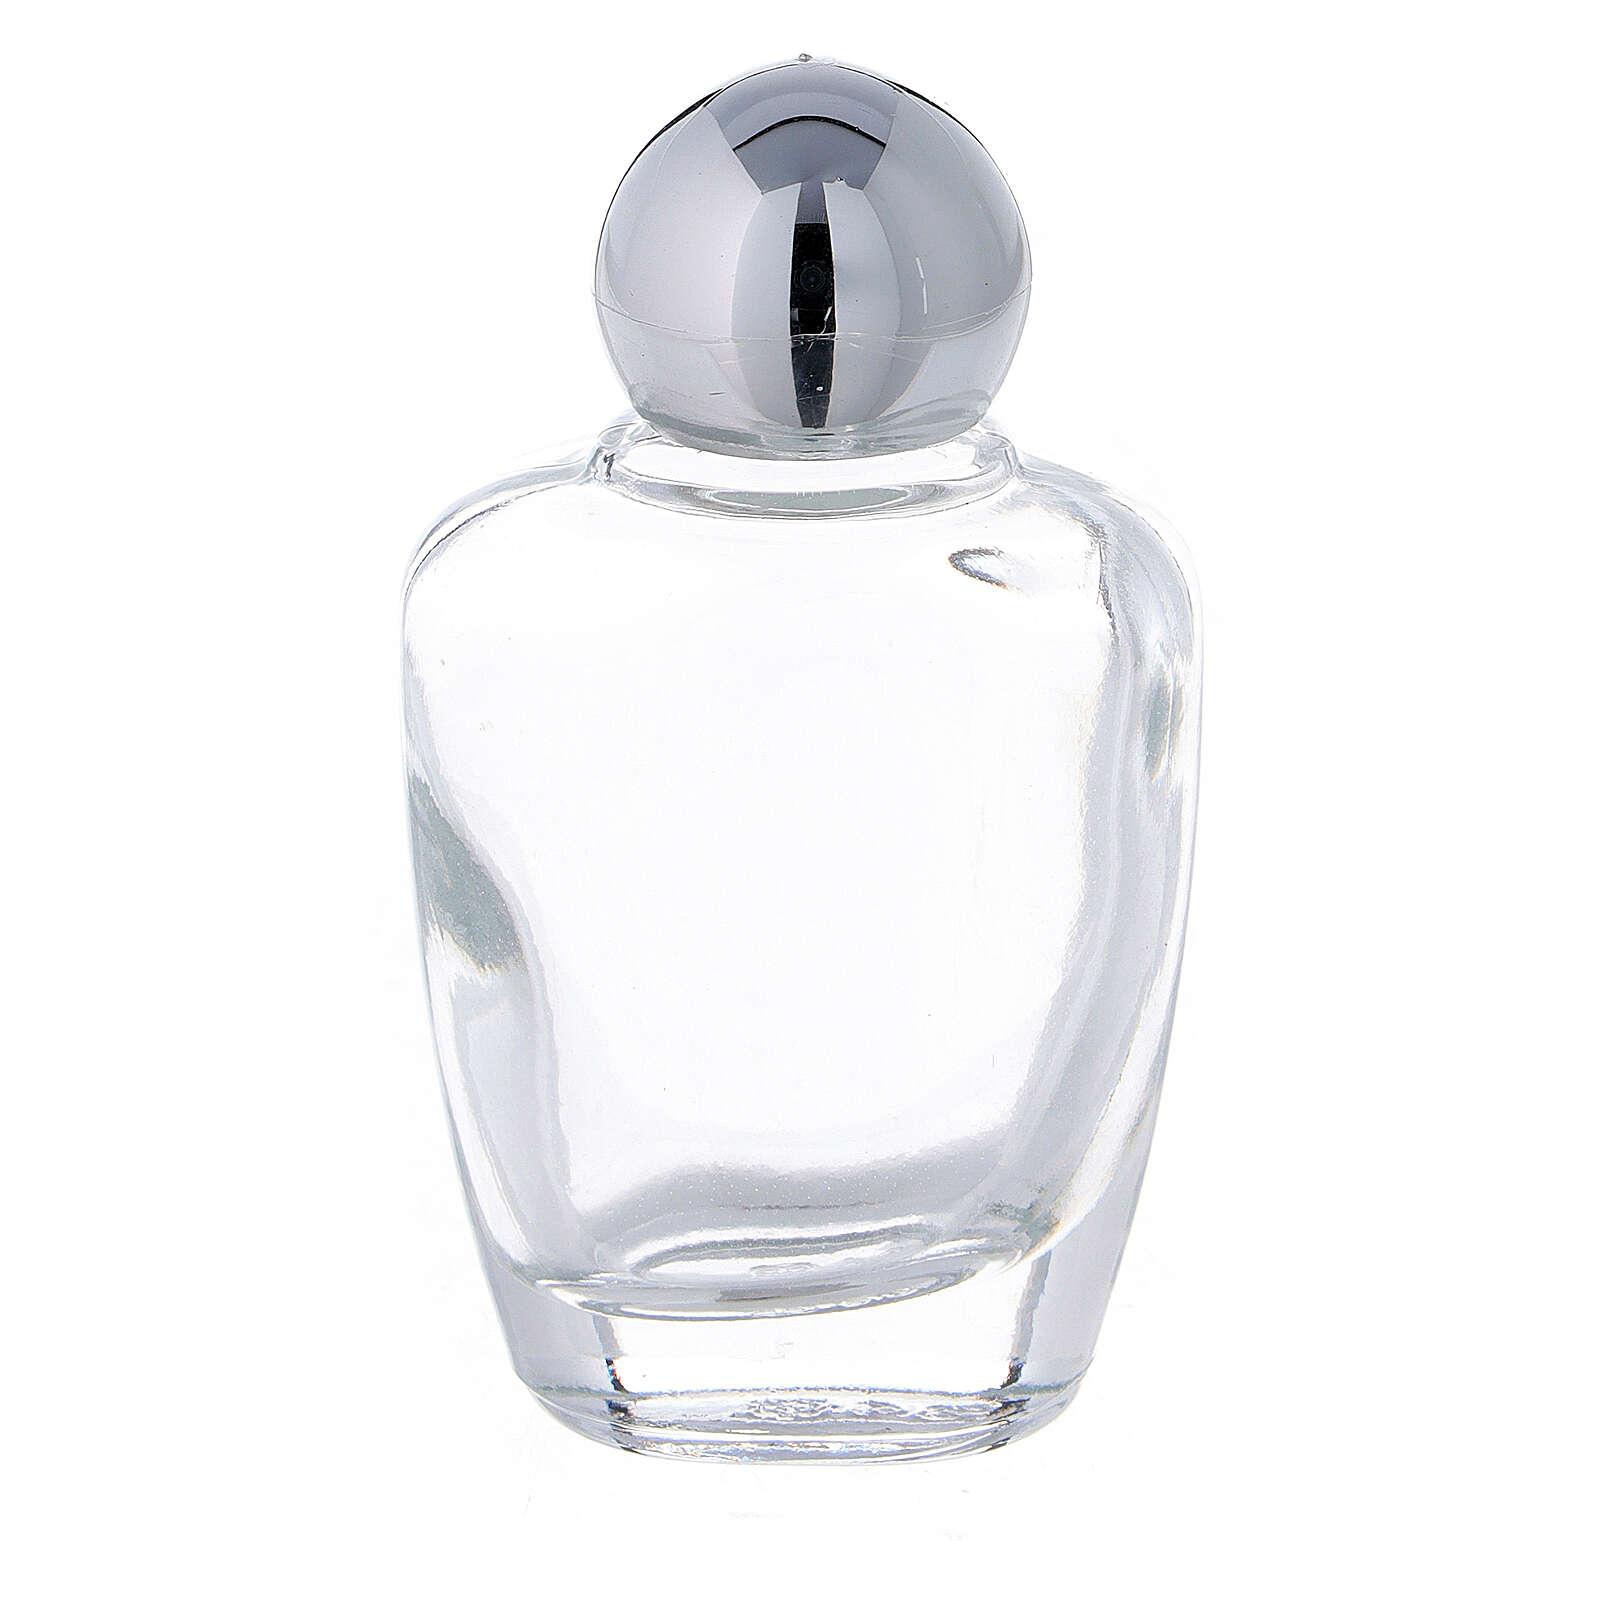 Botella agua bendita vidrio 15 ml tapón plateado (CAJA 50 PIEZAS) 3